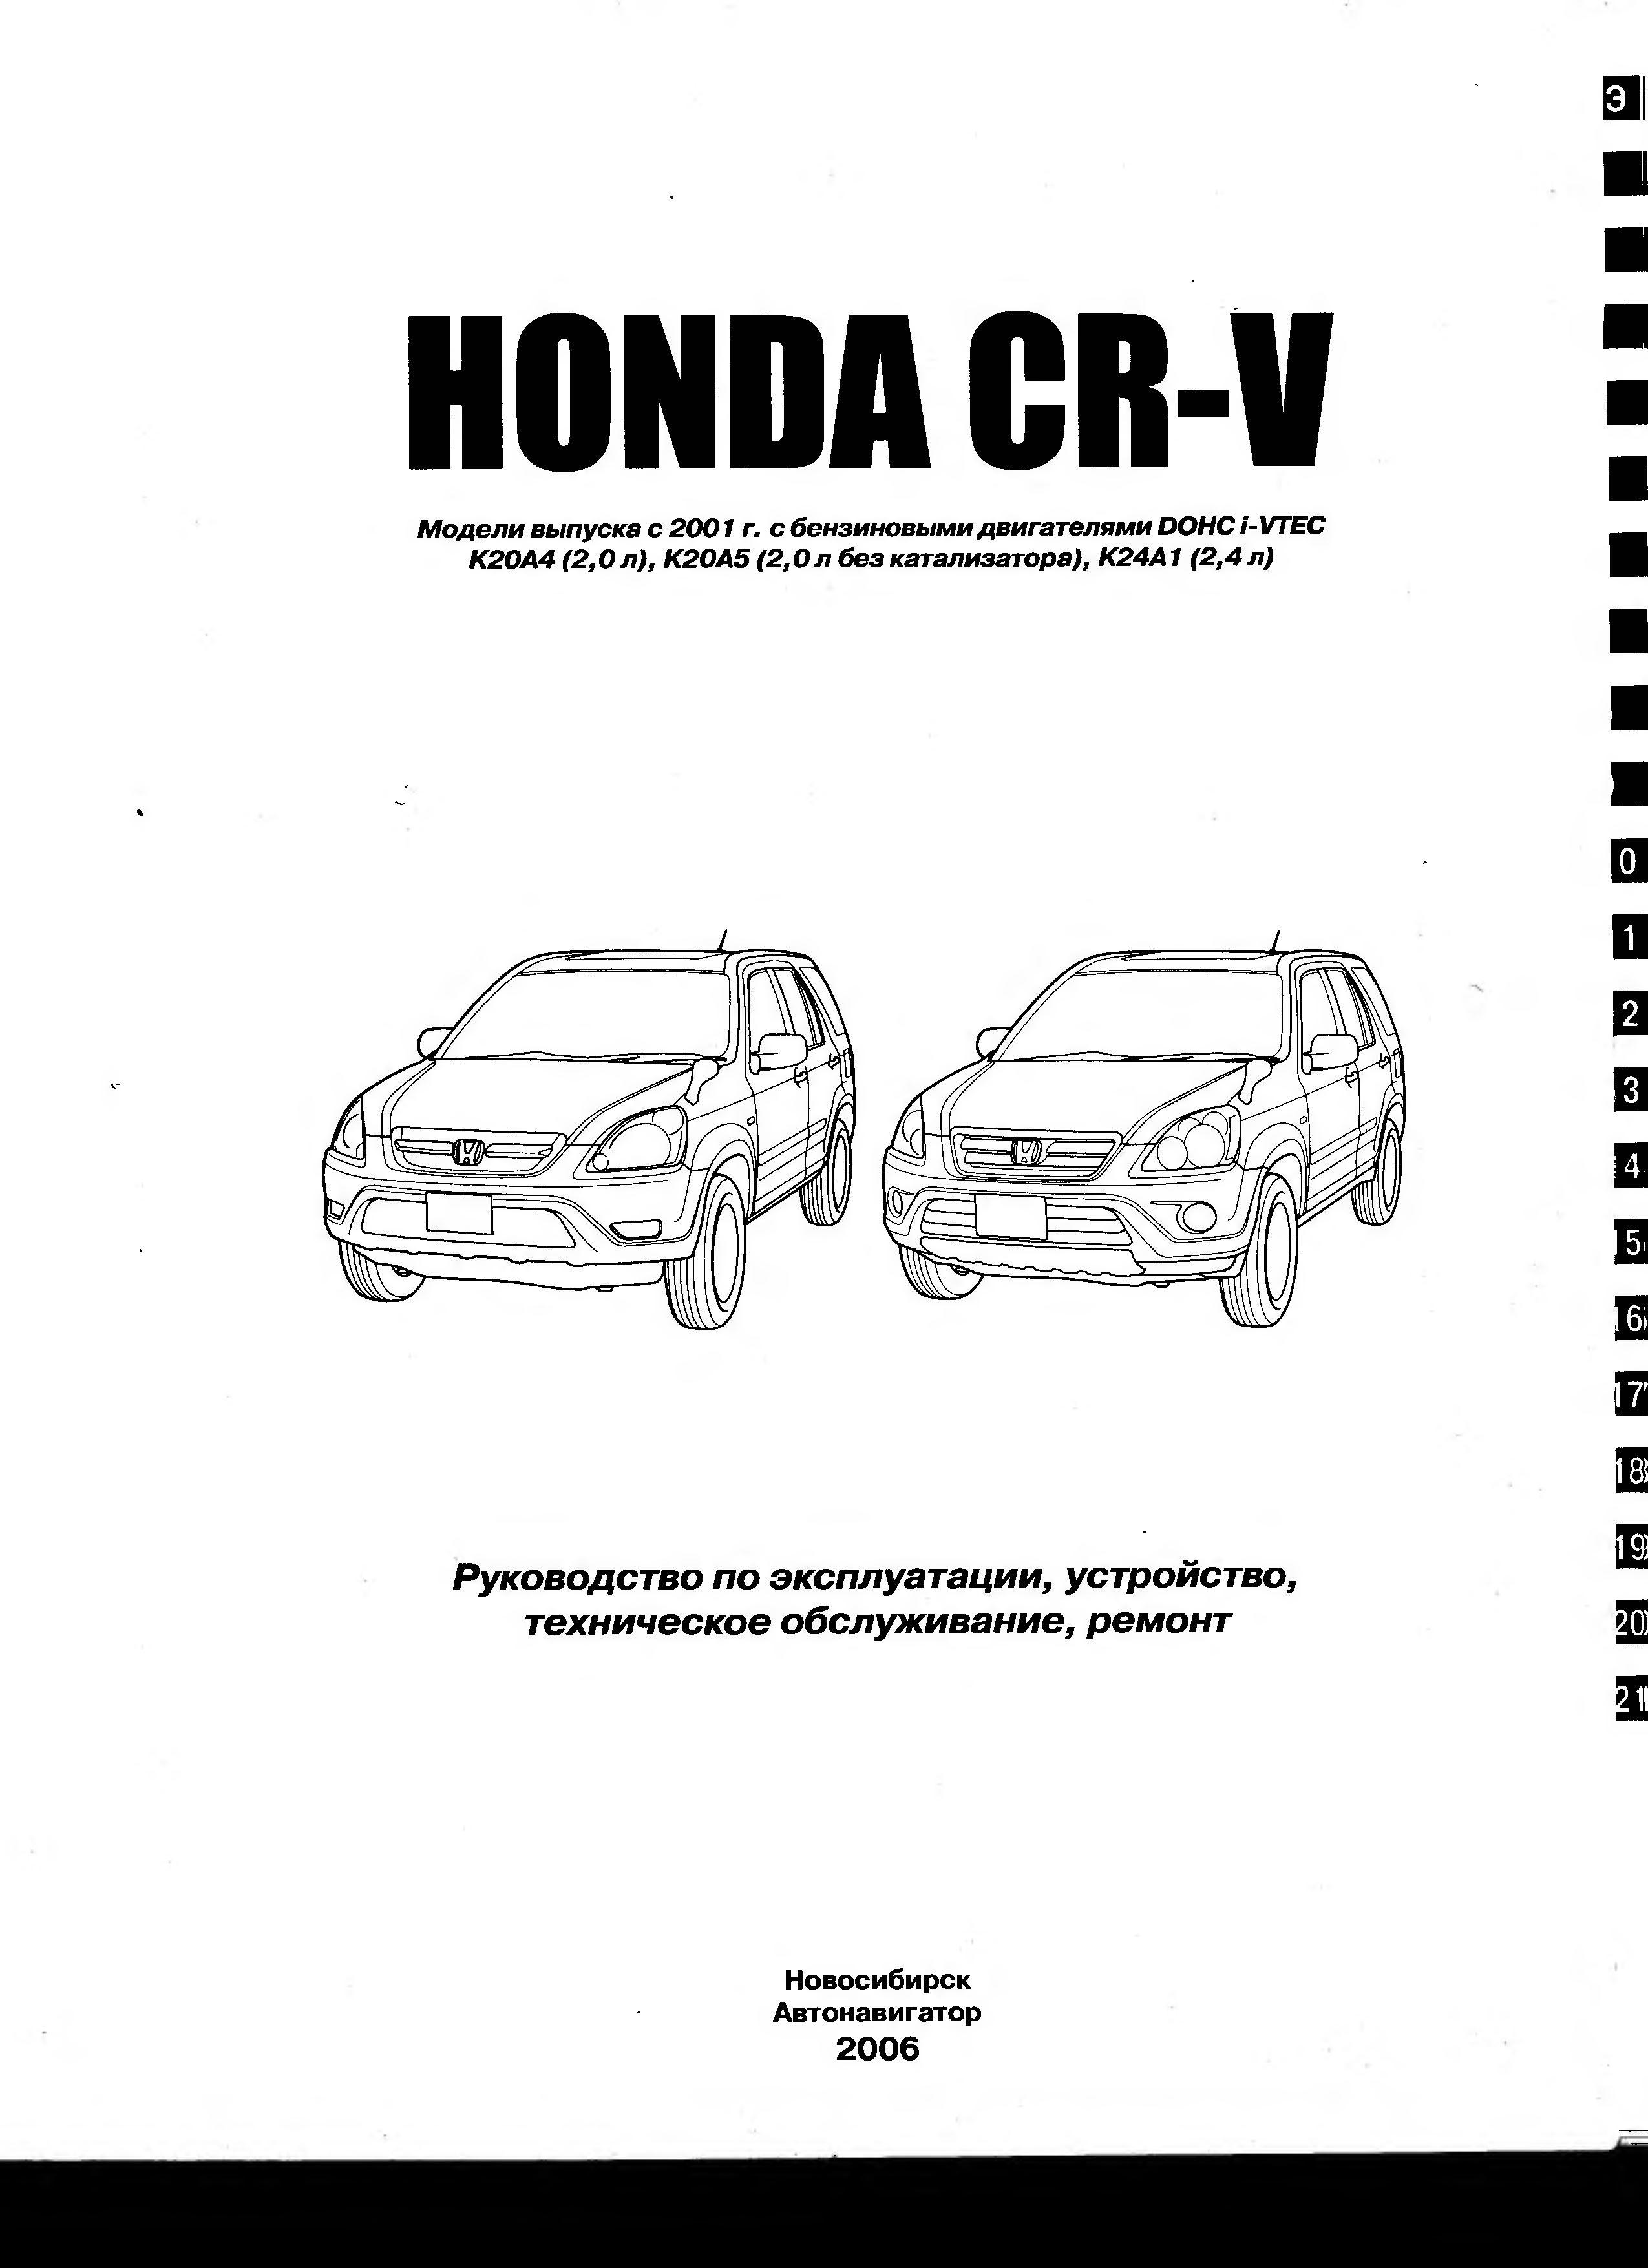 инструкция по эксплуатации хонда срв 3 поколение